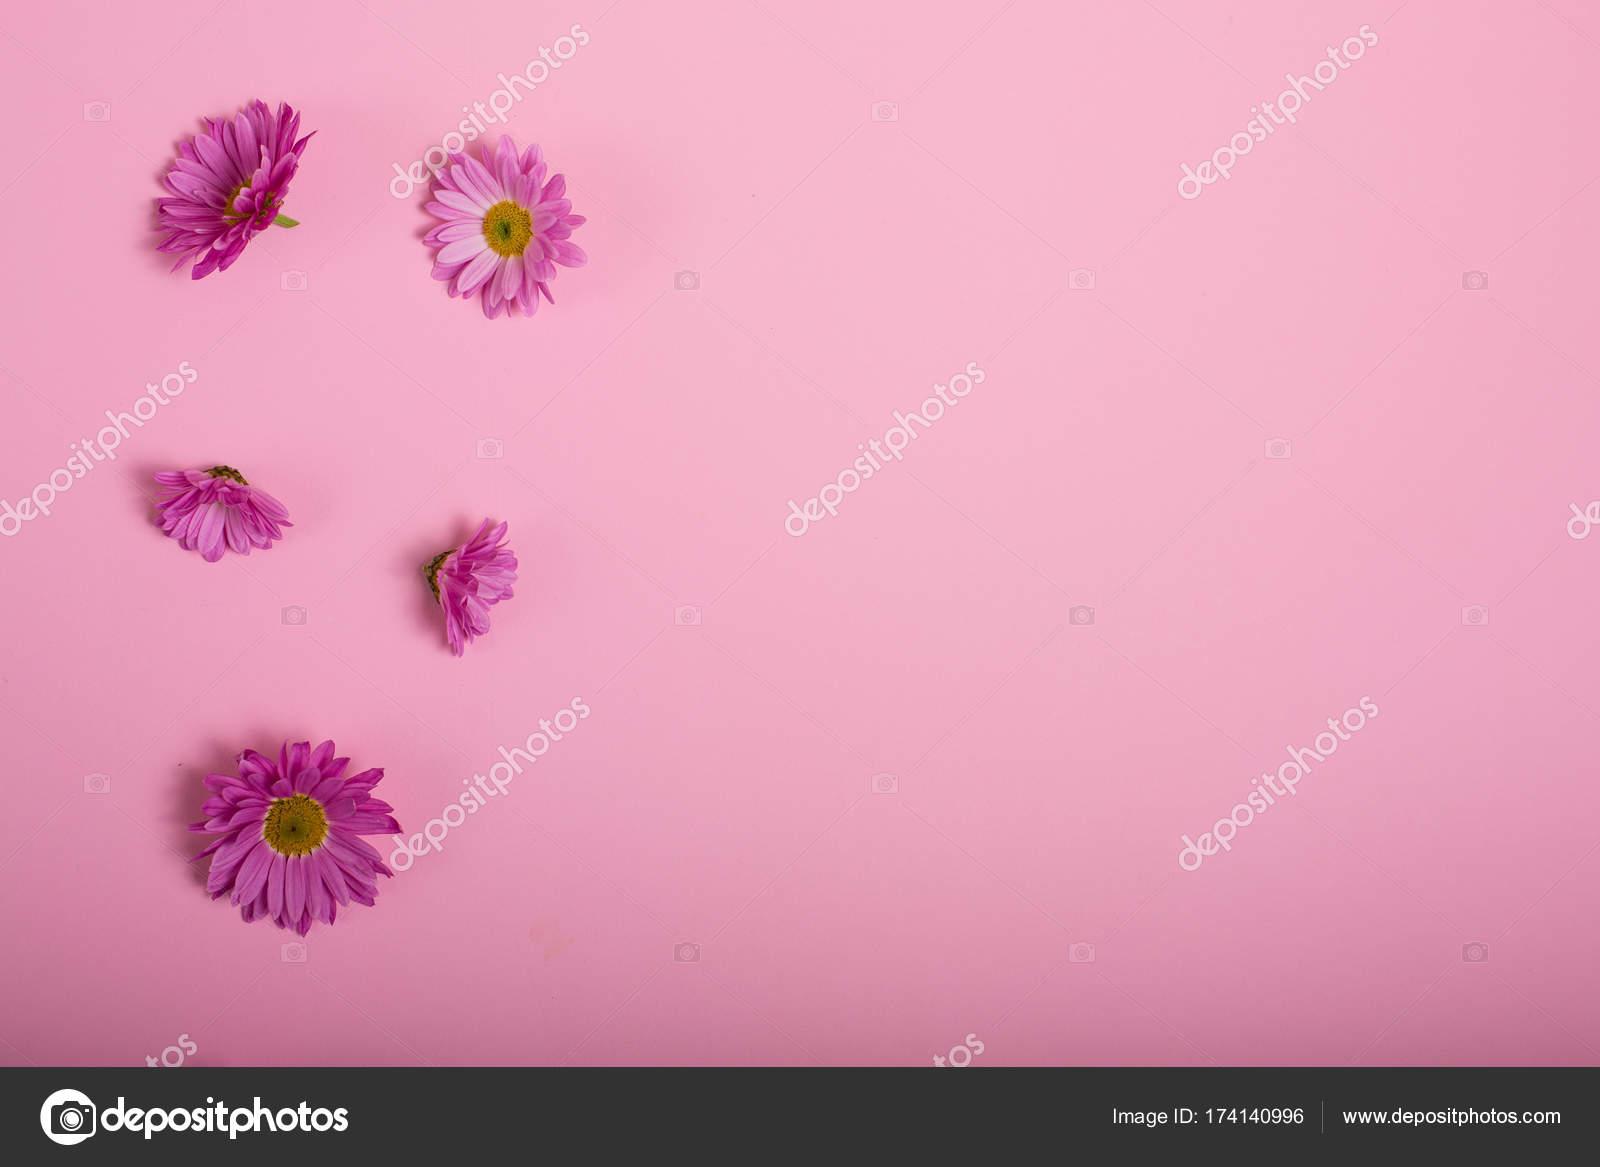 Fiori Su Sfondo Rosa Foto Stock Tinatin1 174140996